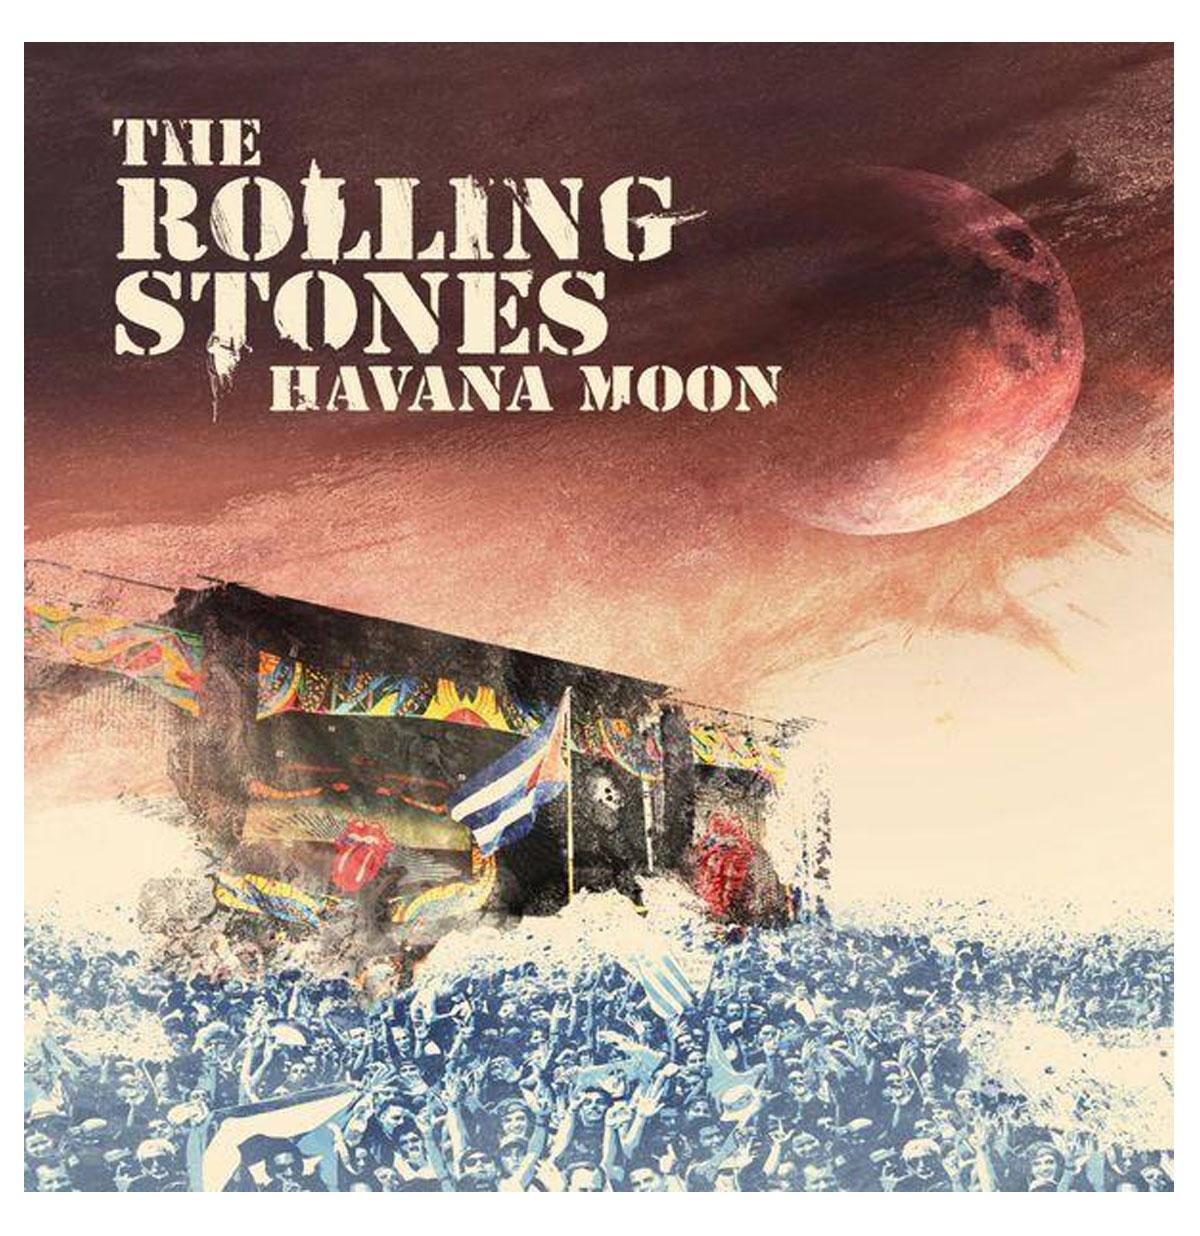 The Rolling Stones - Havana Moon 3-LP + DVD